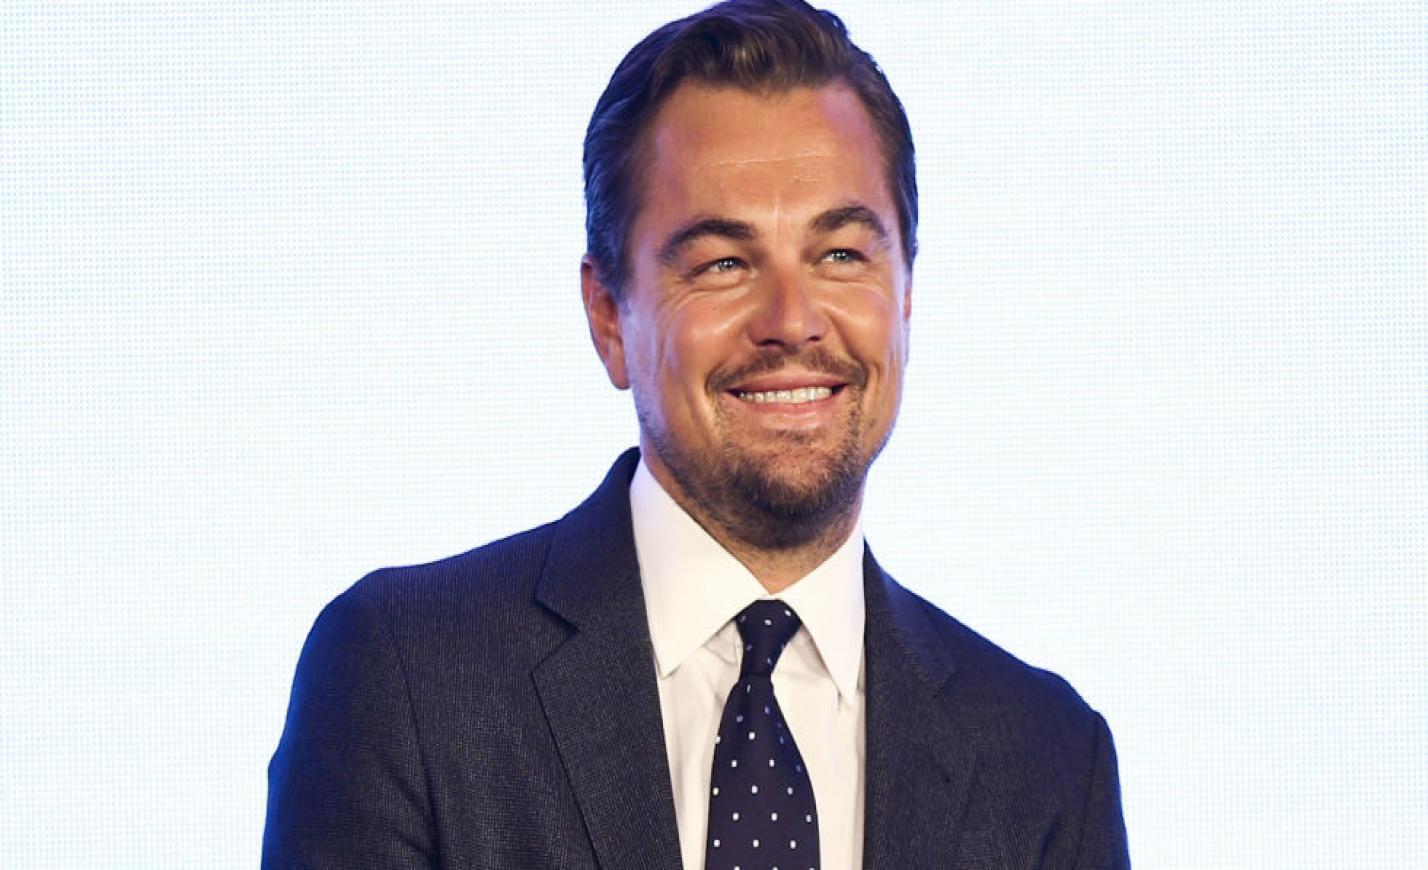 Ma mindenki Leonardo DiCaprio gyerekkori reklámjáról beszél